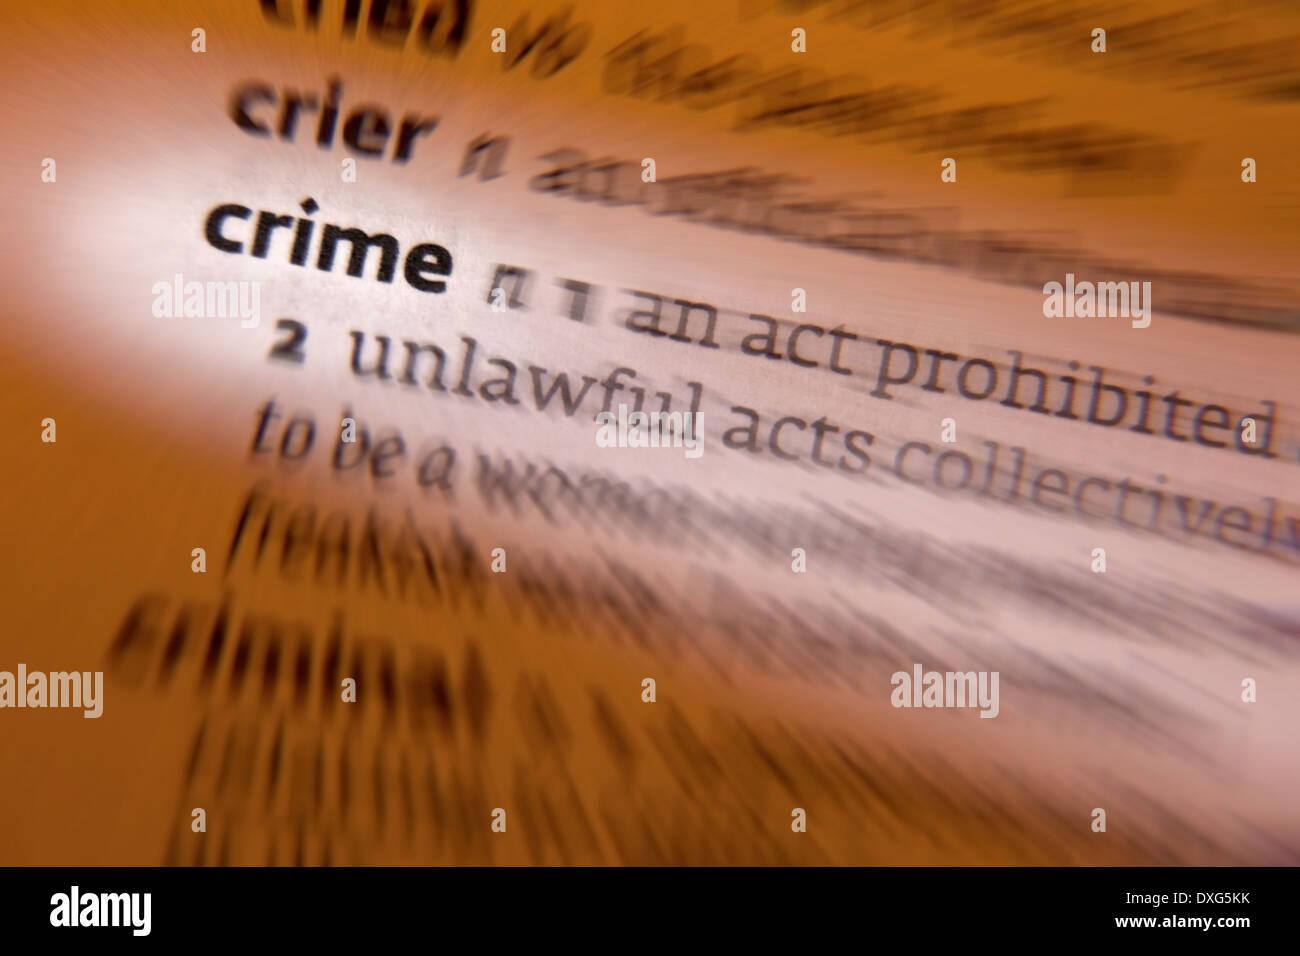 La criminalità - un'azione o omissione che costituisce un reato che può essere perseguito dallo stato ed è punibile dalla legge. Immagini Stock